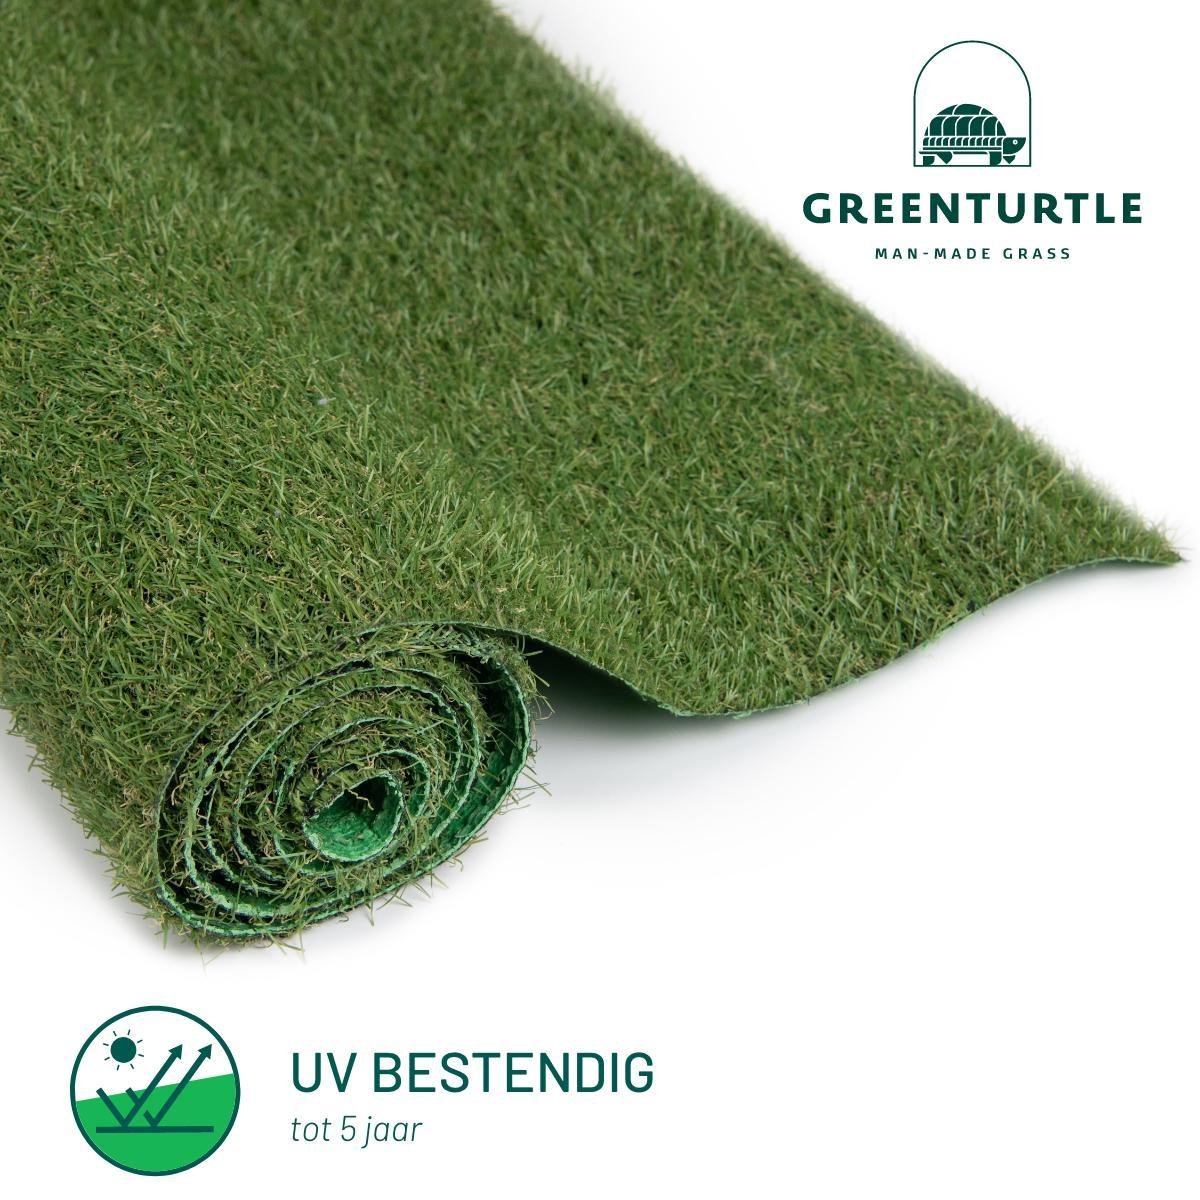 Green Turtle Kunstgras - Grastapijt 100x200cm - 21mm - Wimbledon - Artificieel Gras - Grastapijt voo